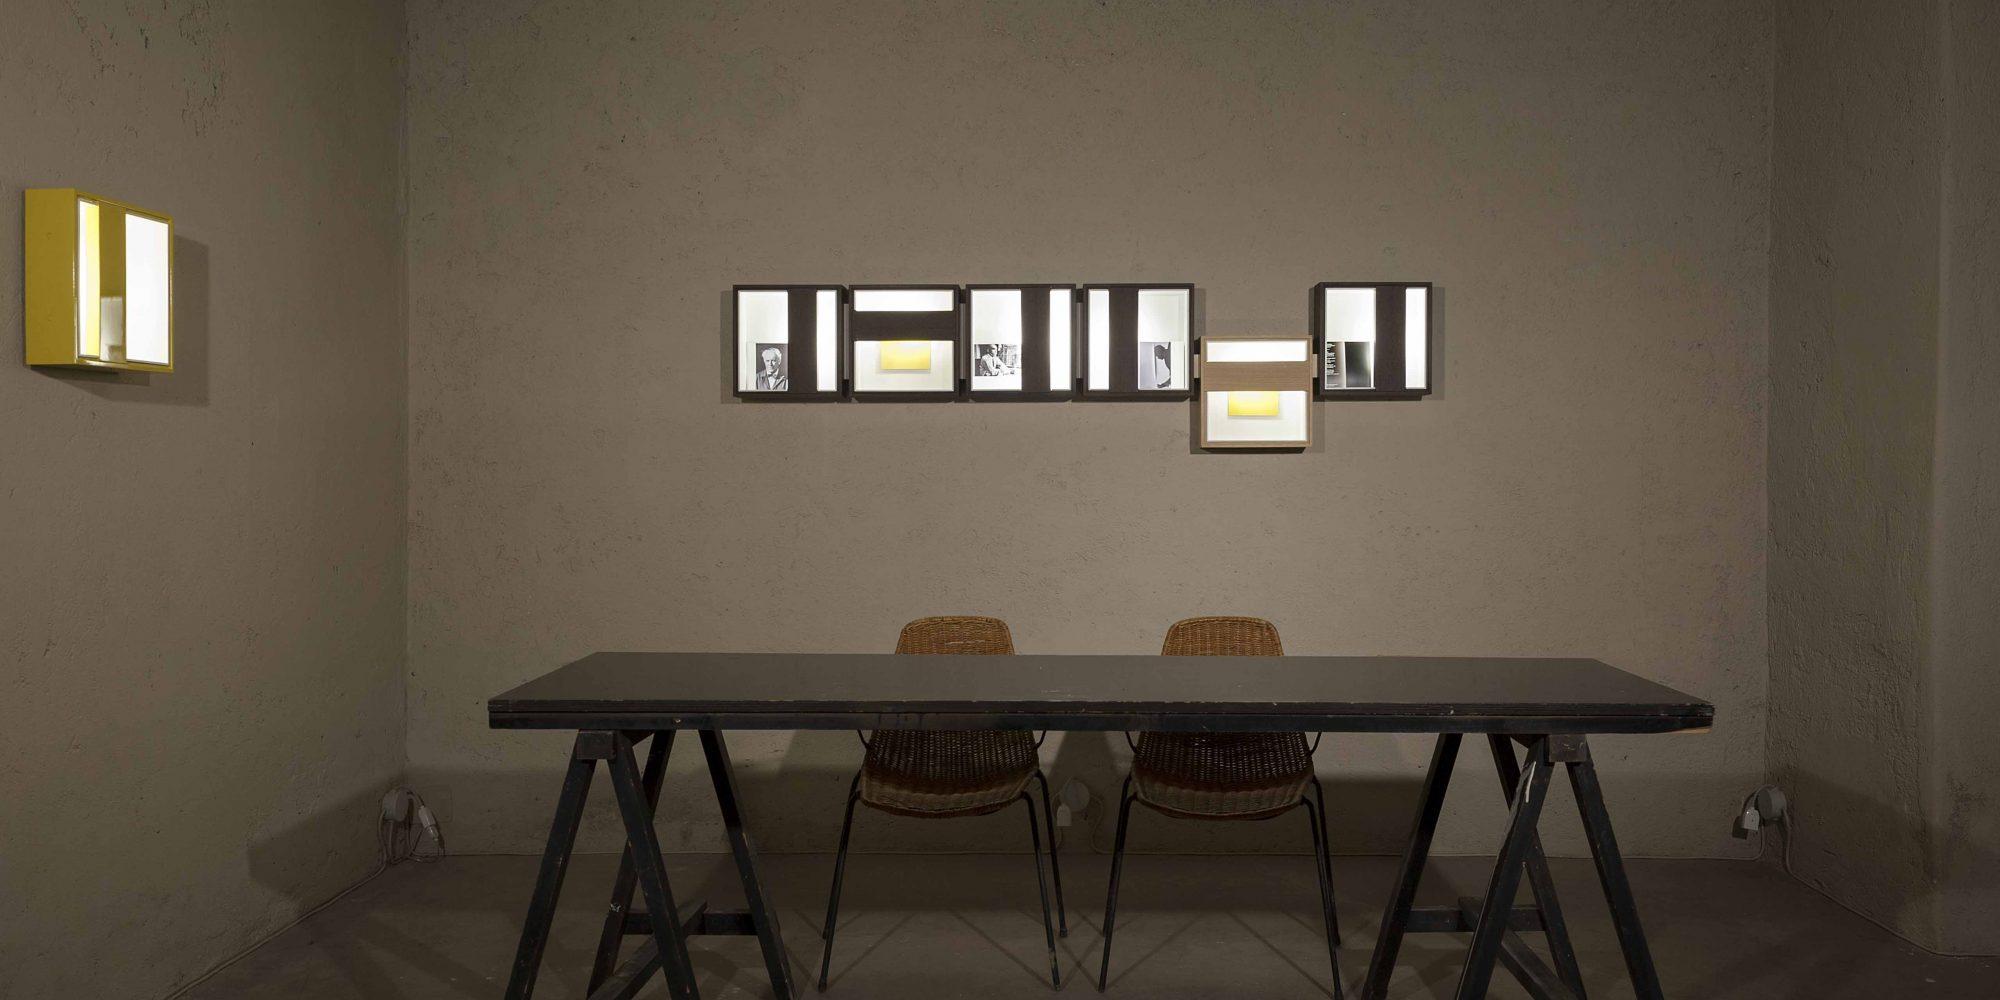 mostra NoName Quadri di Luce Limited edition design Giuseppe e Lazzaro Raboni, Marco Zanuso jr.